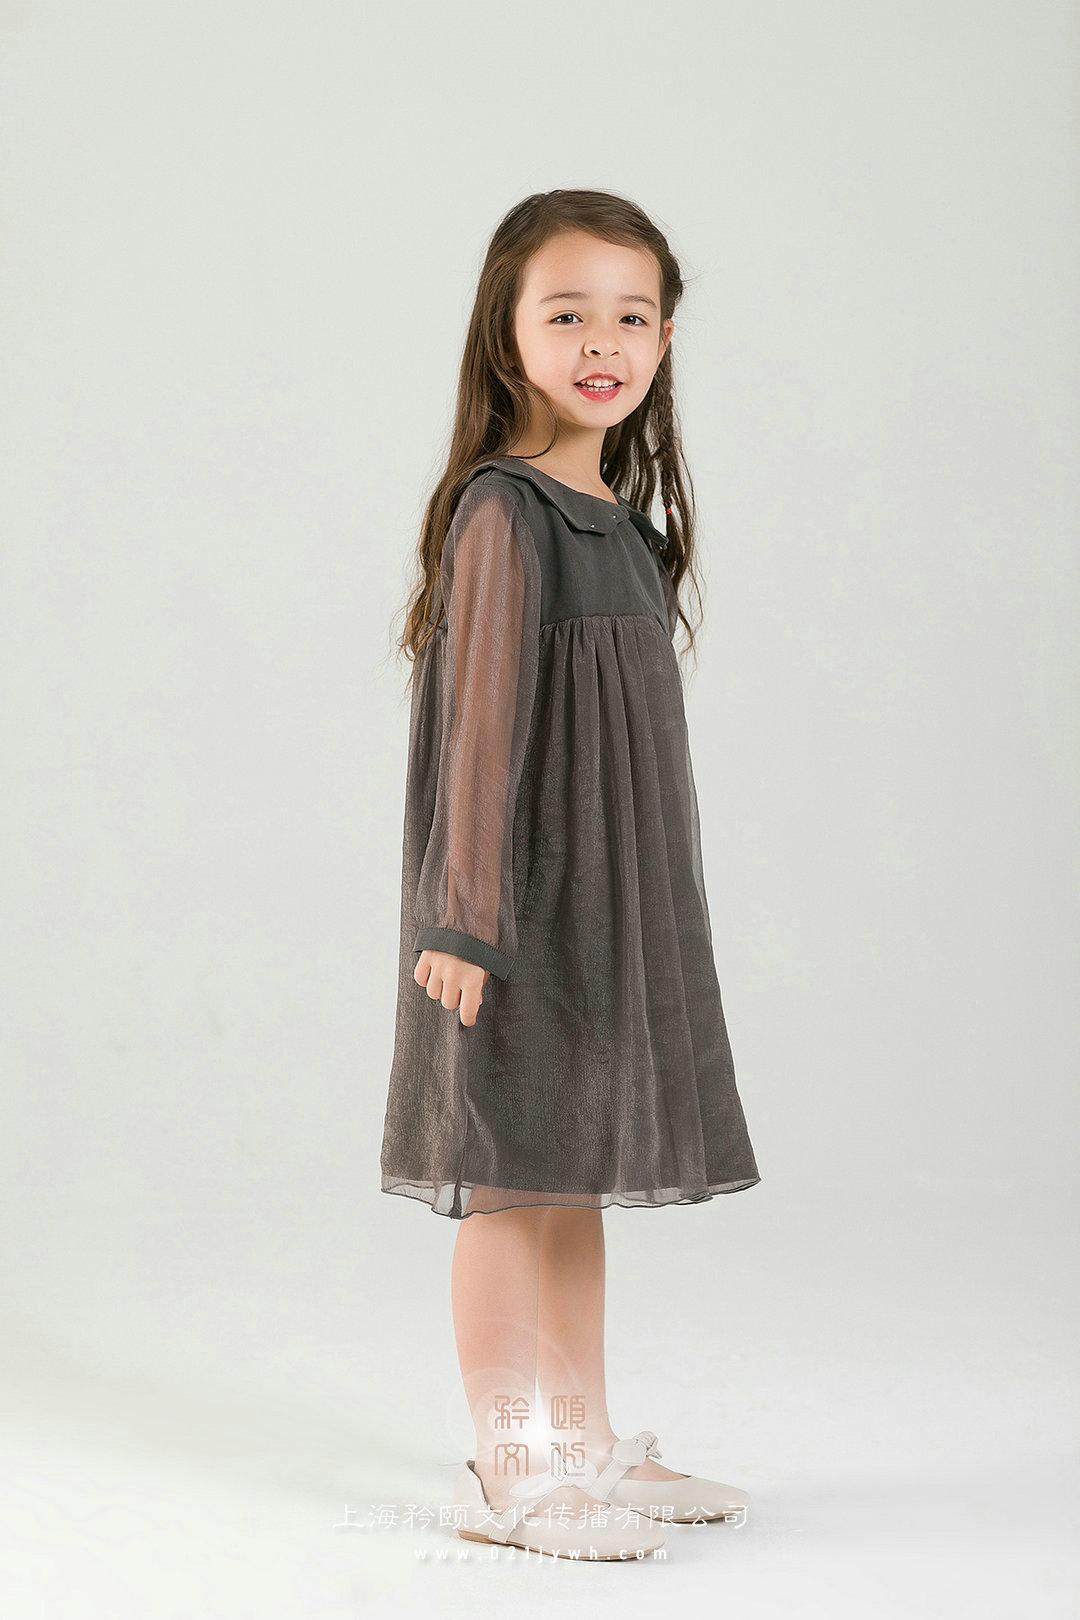 外籍儿童模特